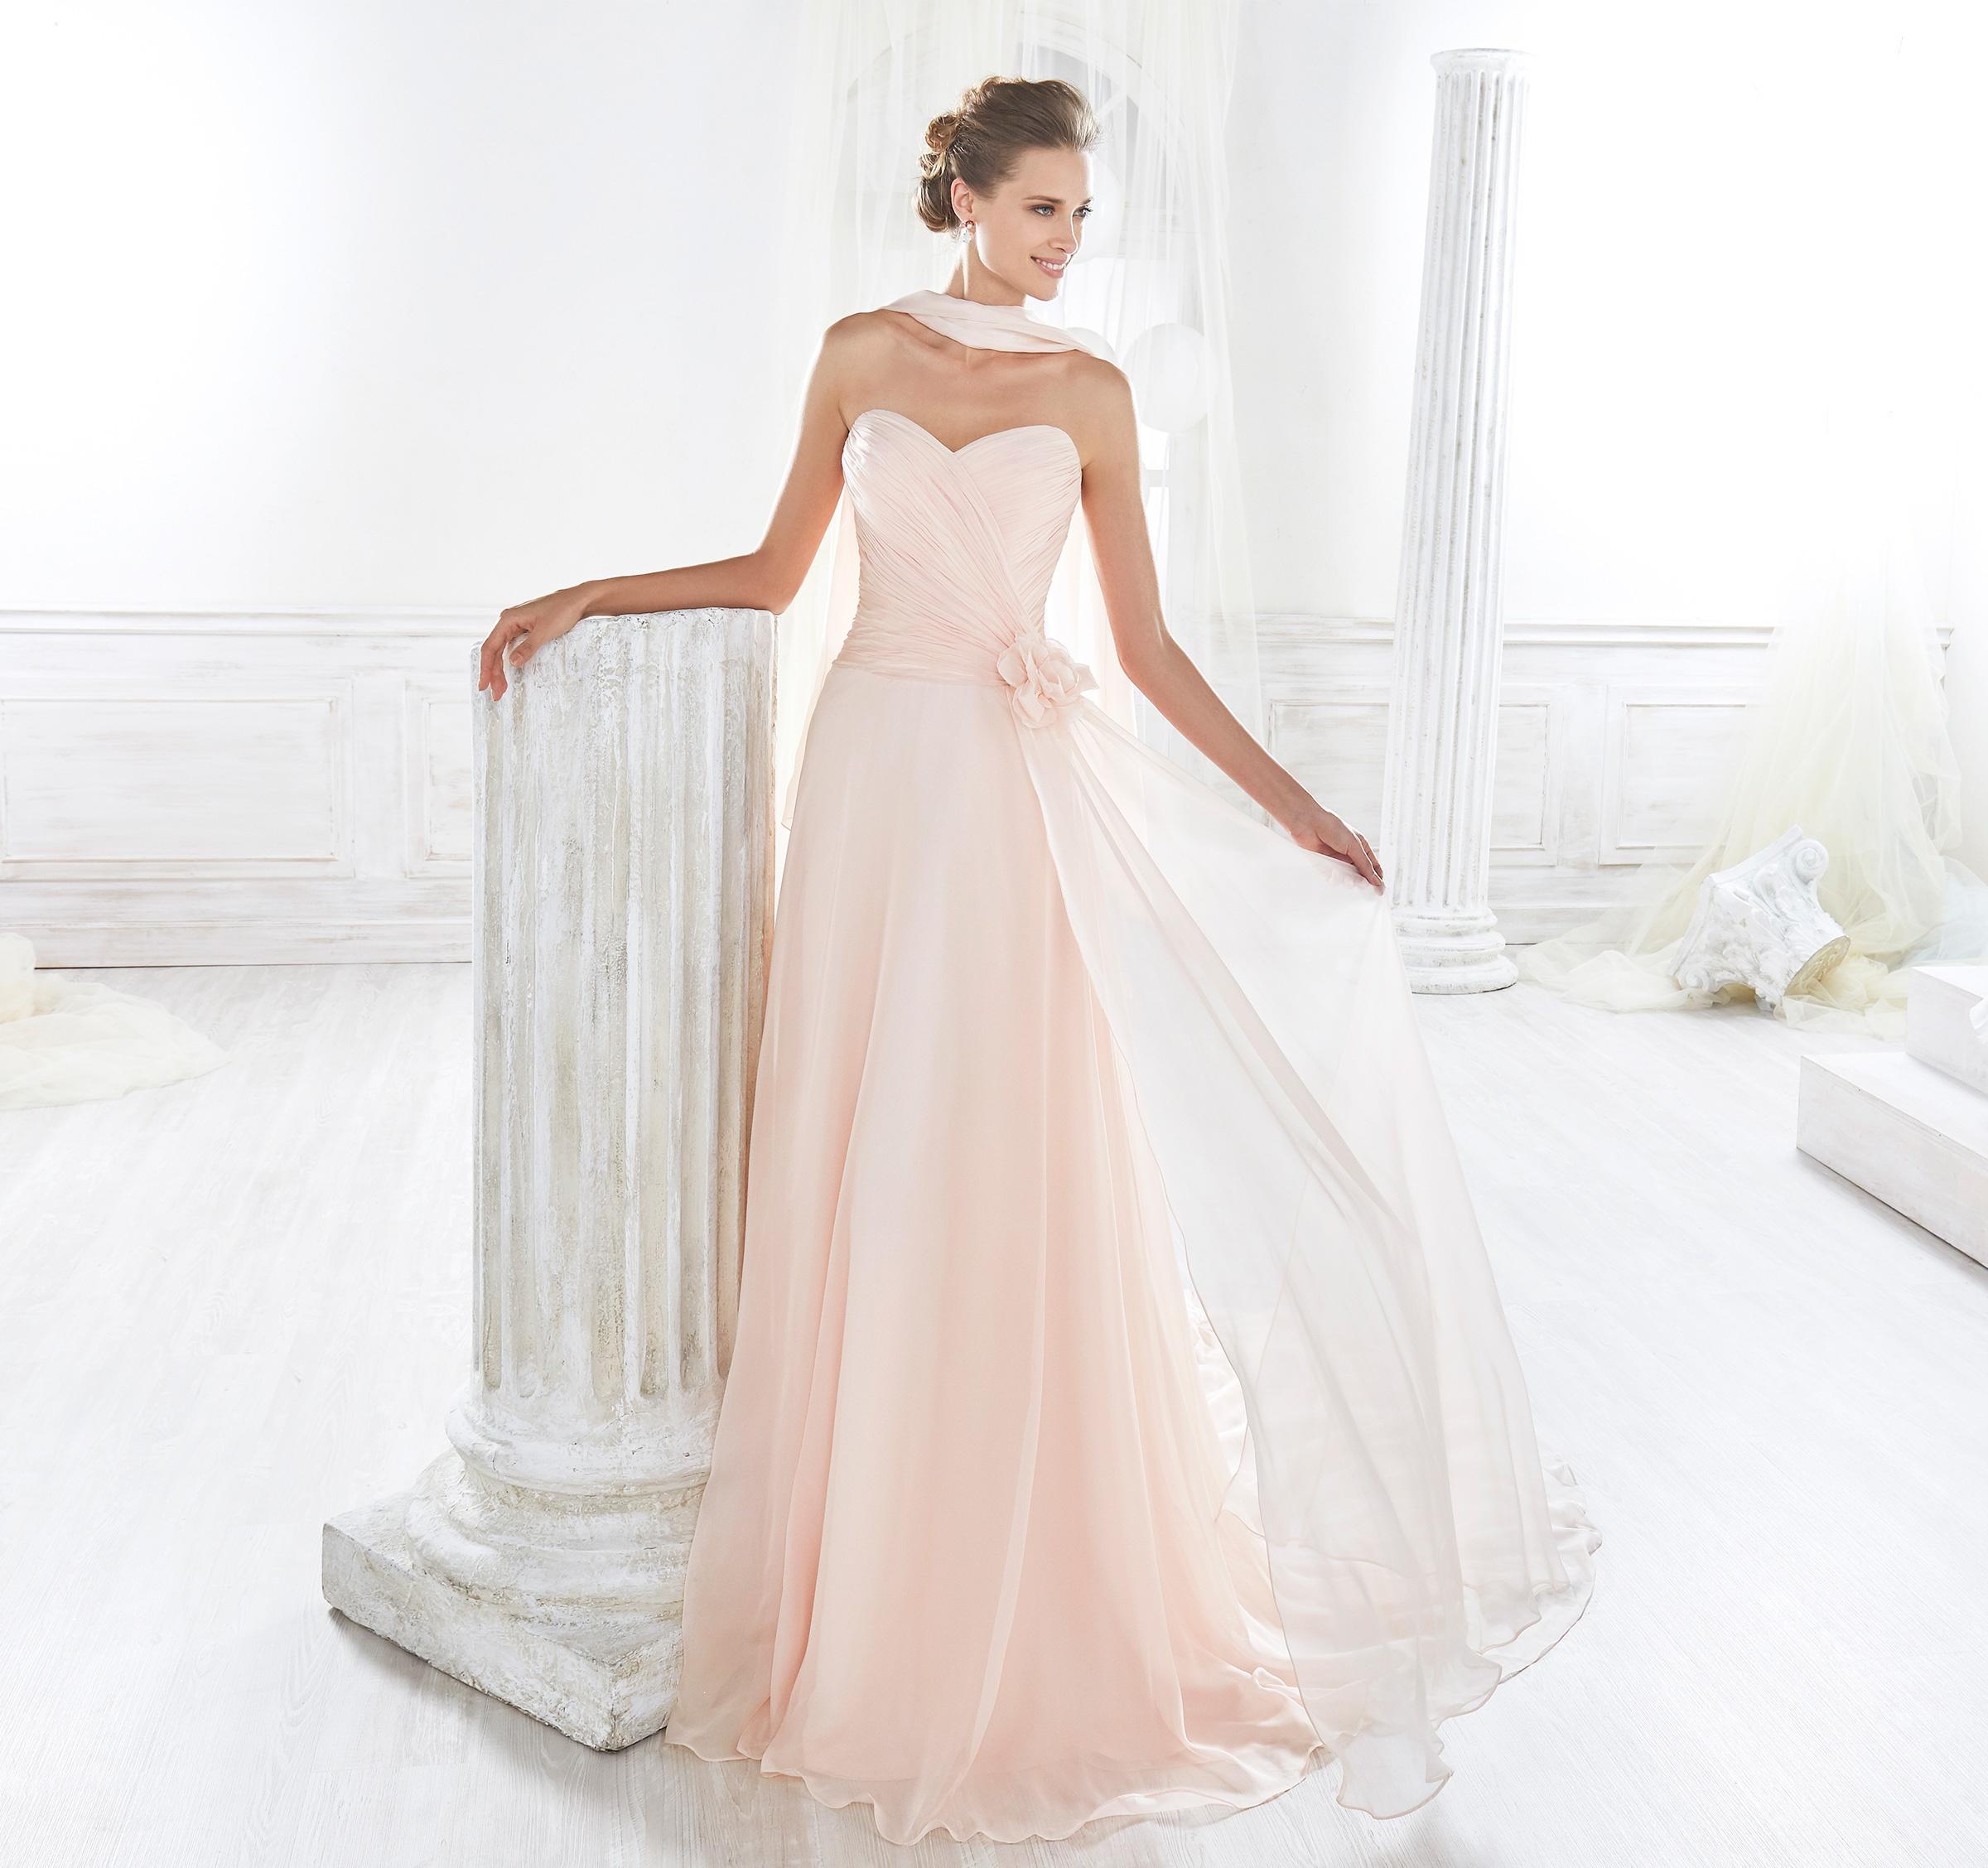 Traje para novia: Vestido de novia en rosa